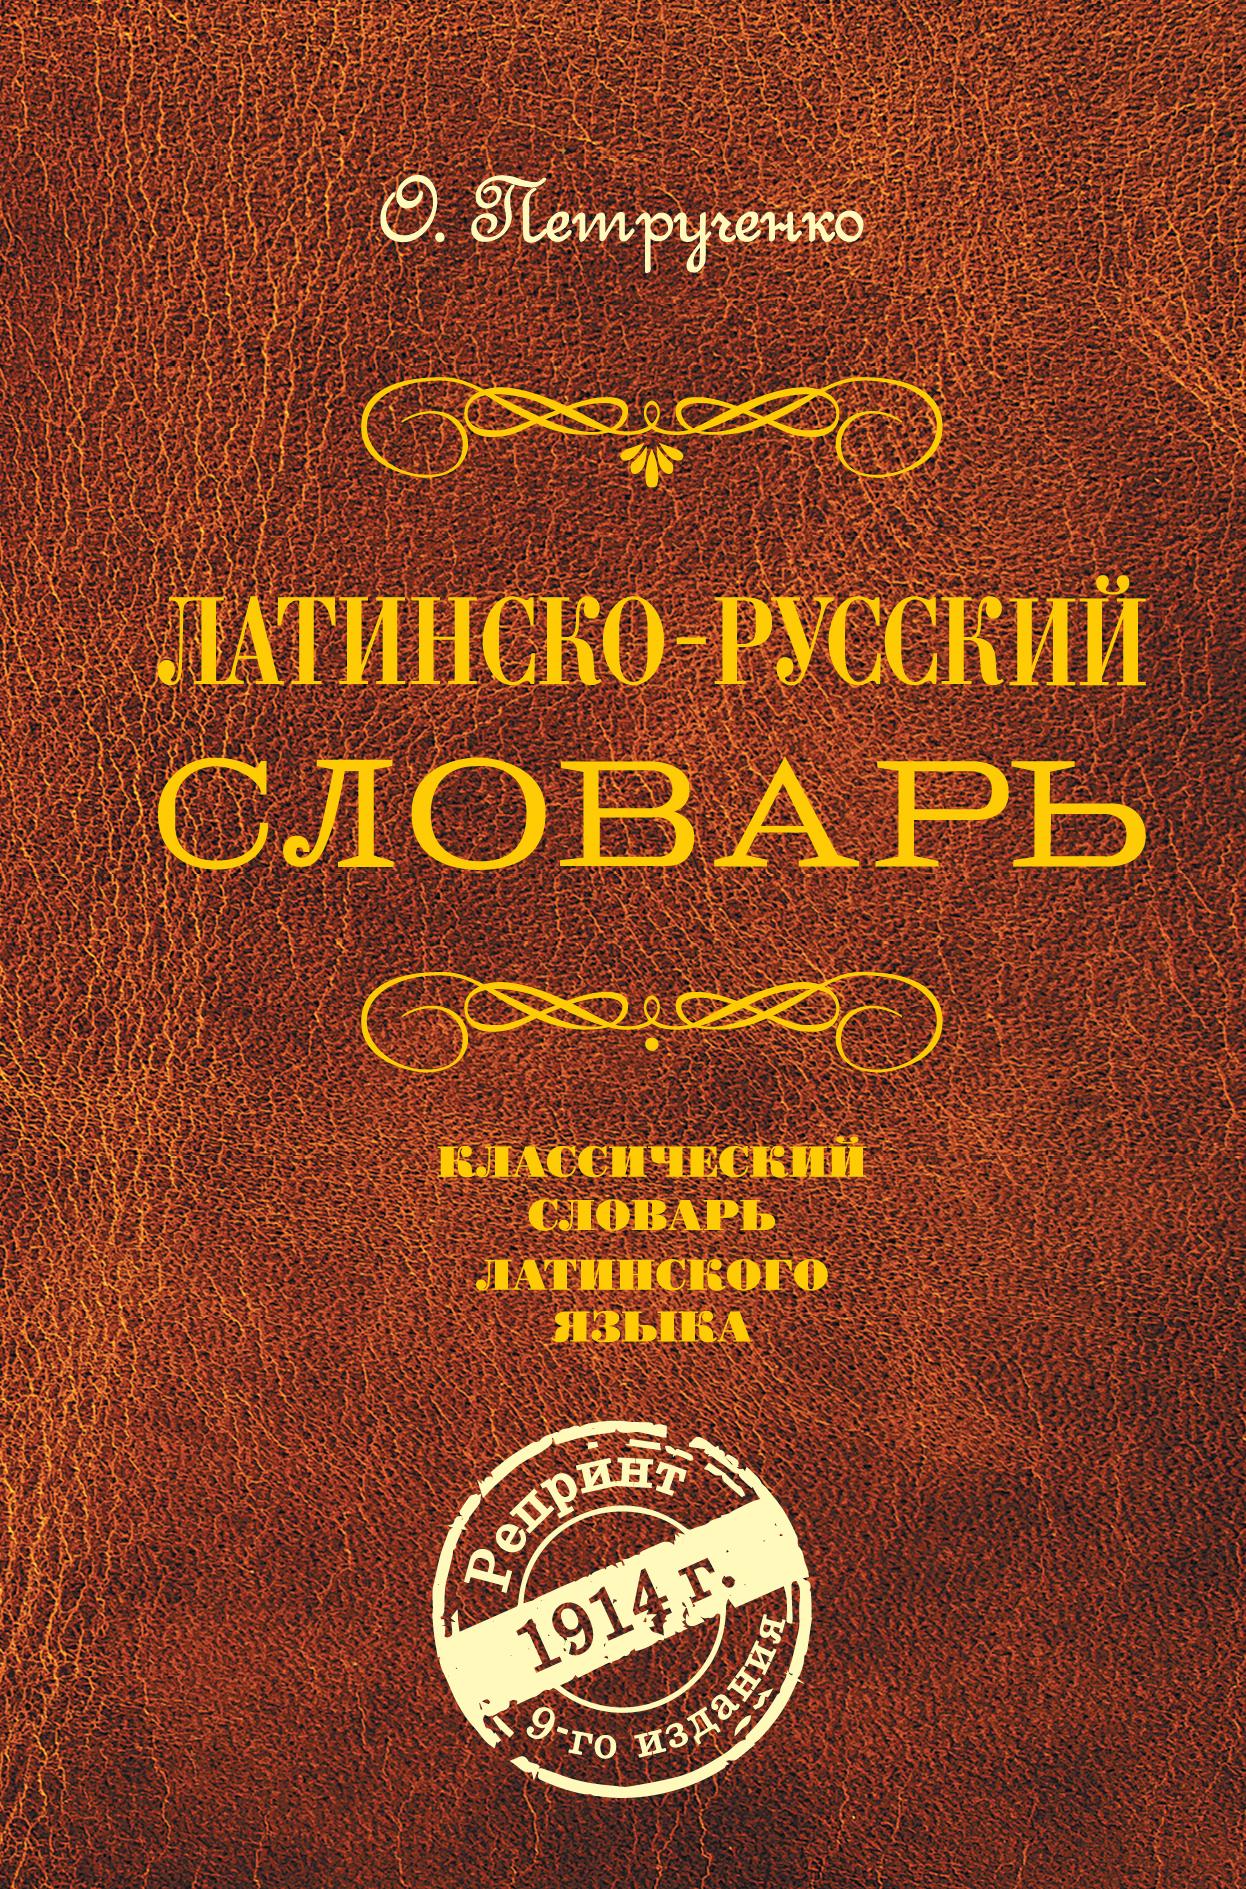 Словарь содержит более 1700 латинских юридических терминов, юридических. Словарь состоит из трех частей: латинско-русского словаря,